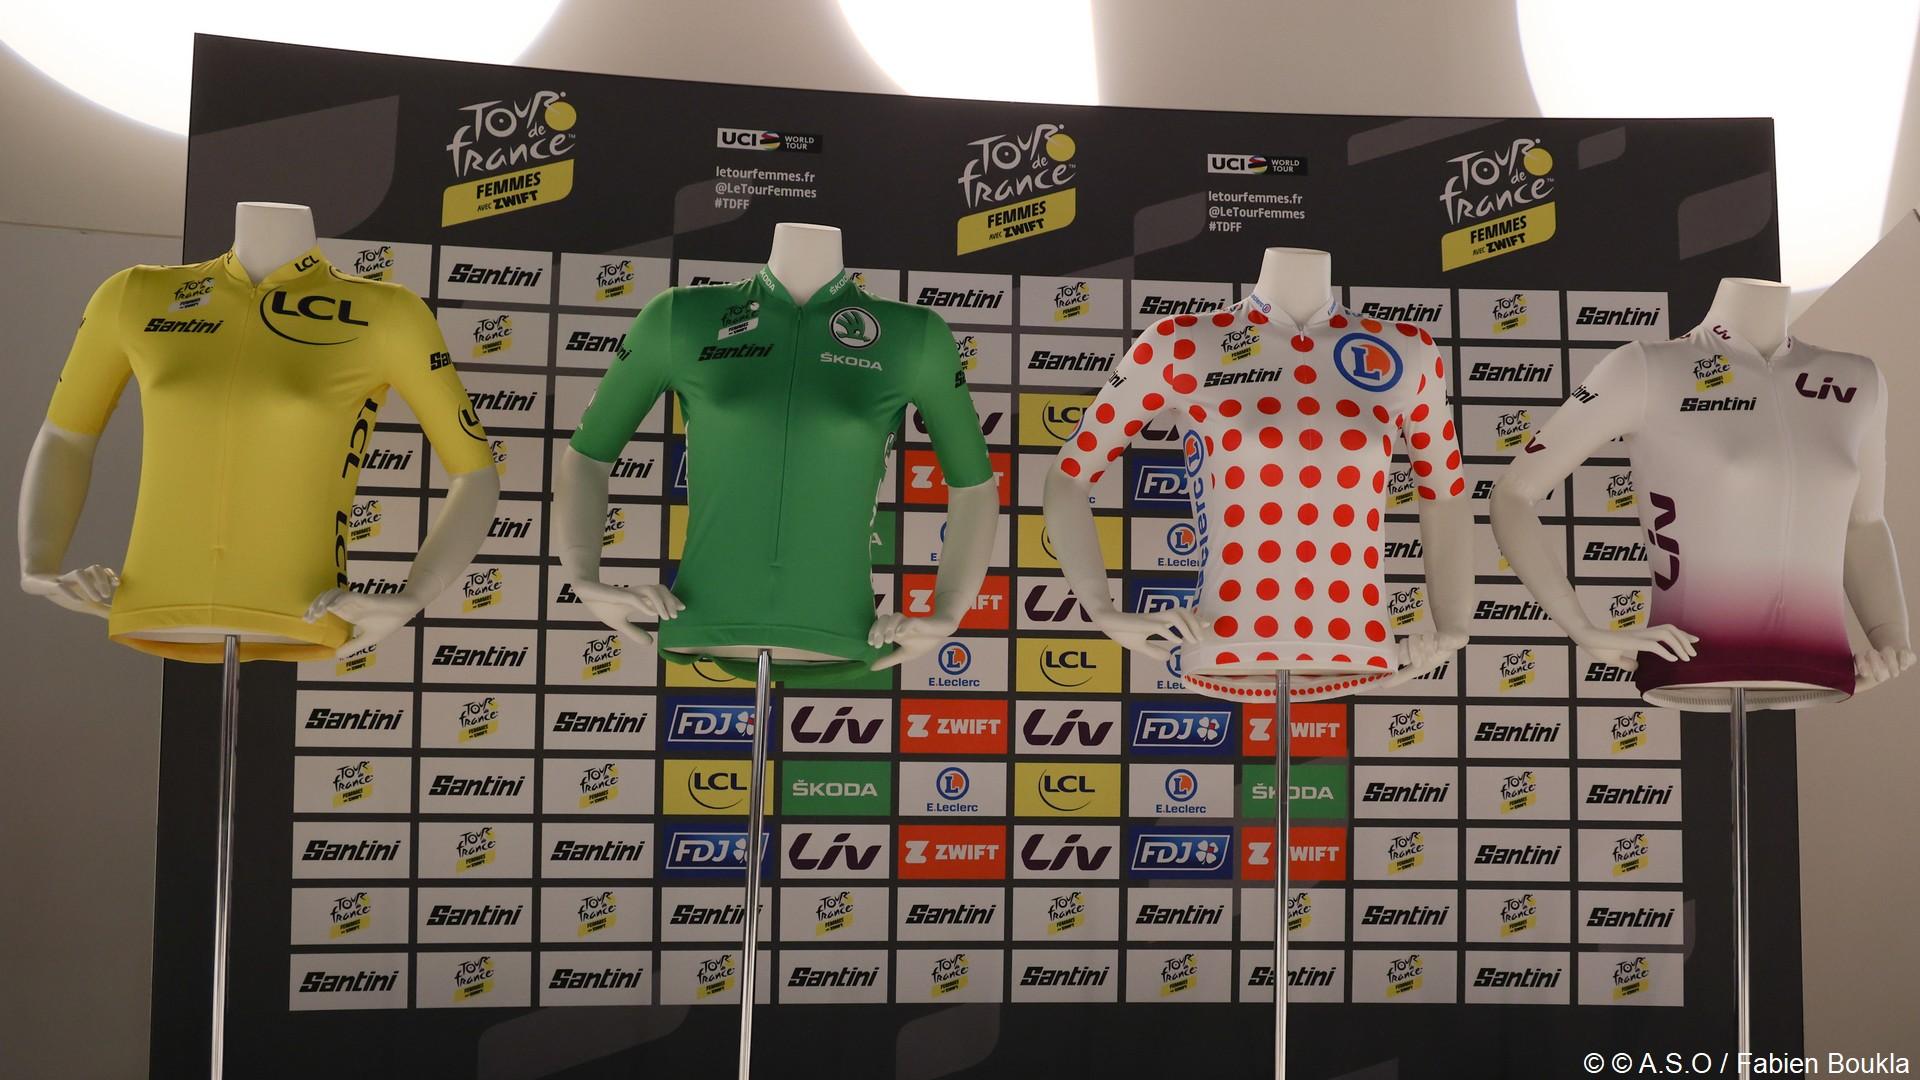 Santini (1) Maillots Tour de France Femmes 2022